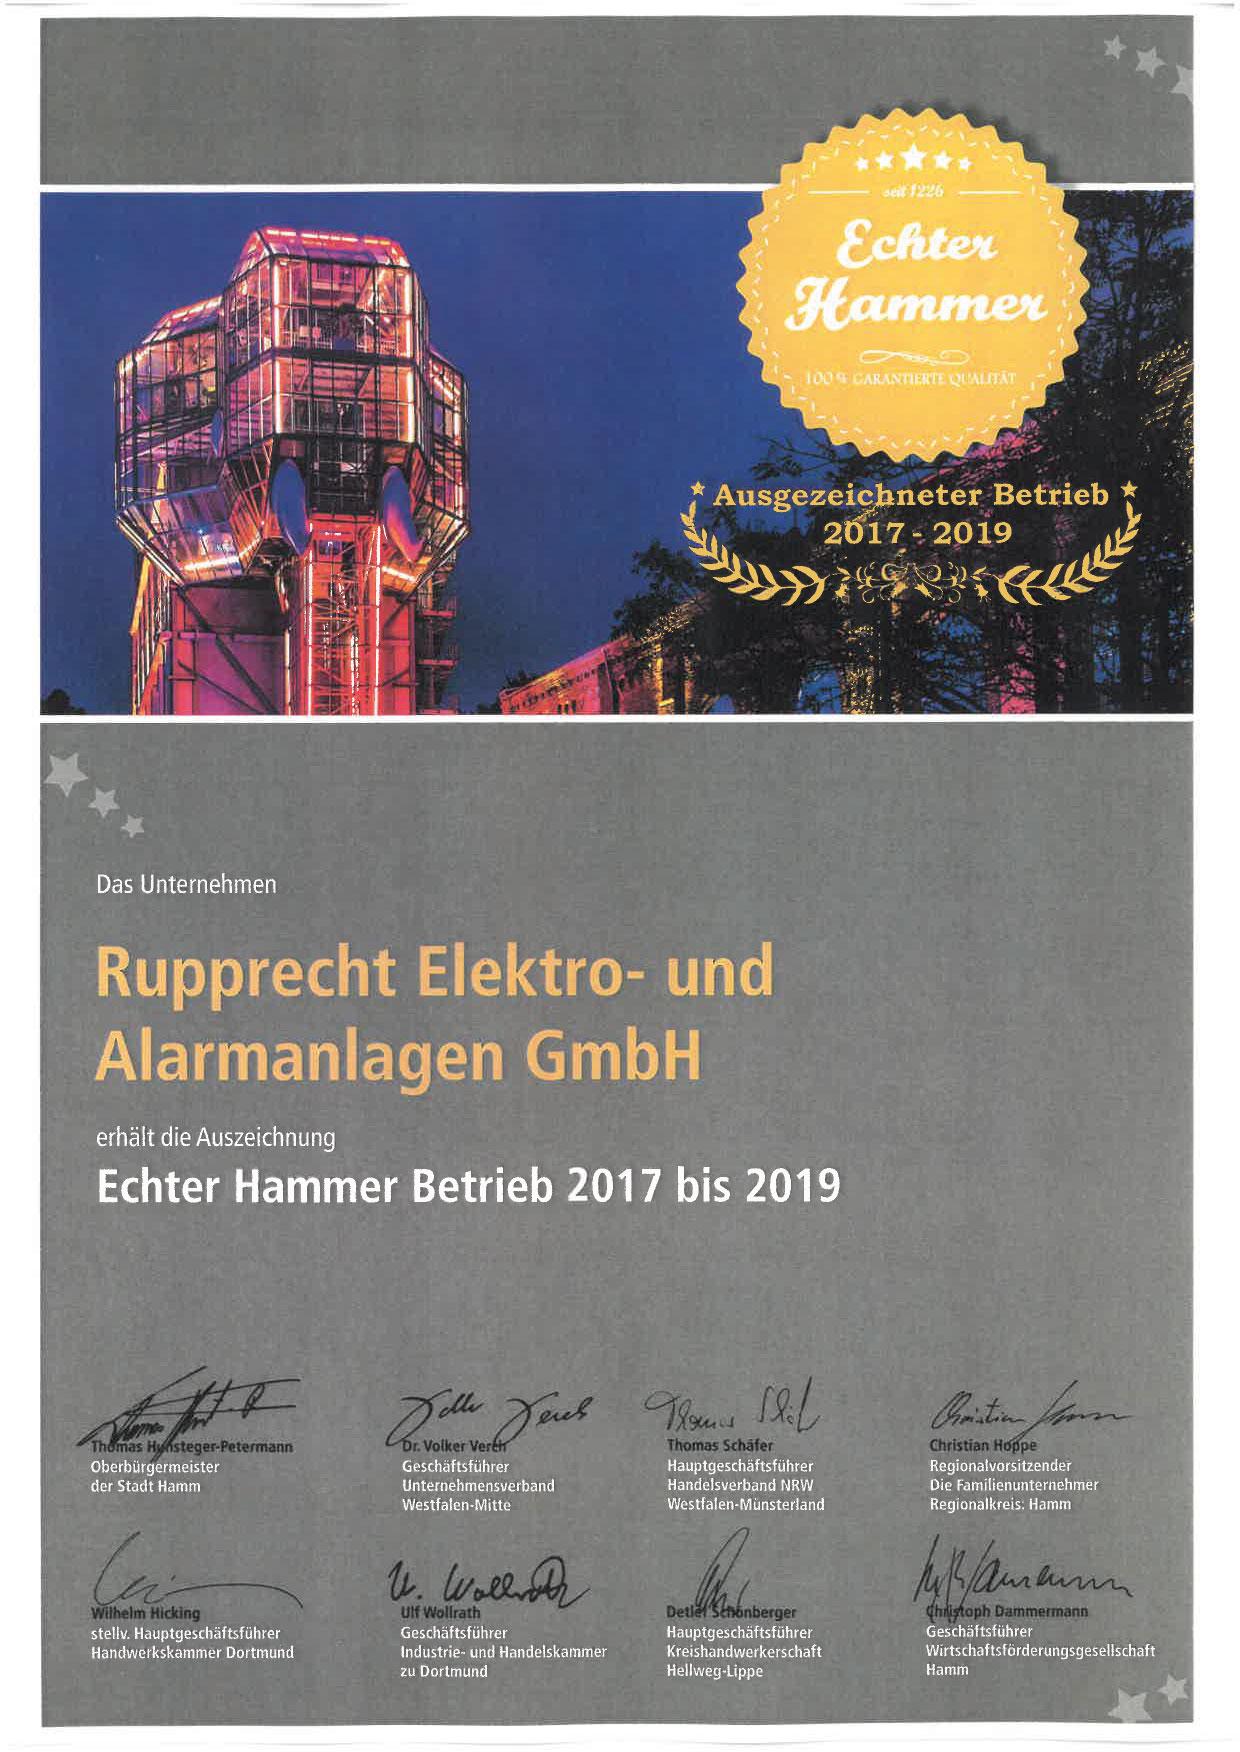 Urkunde - Echter Hammer Betrieb 2017-2019 - Rupprecht Alarmanlagen aus Hamm - Seit mehr als 35 Jahren auf elektronische Sicherheitssysteme spezialisiert.